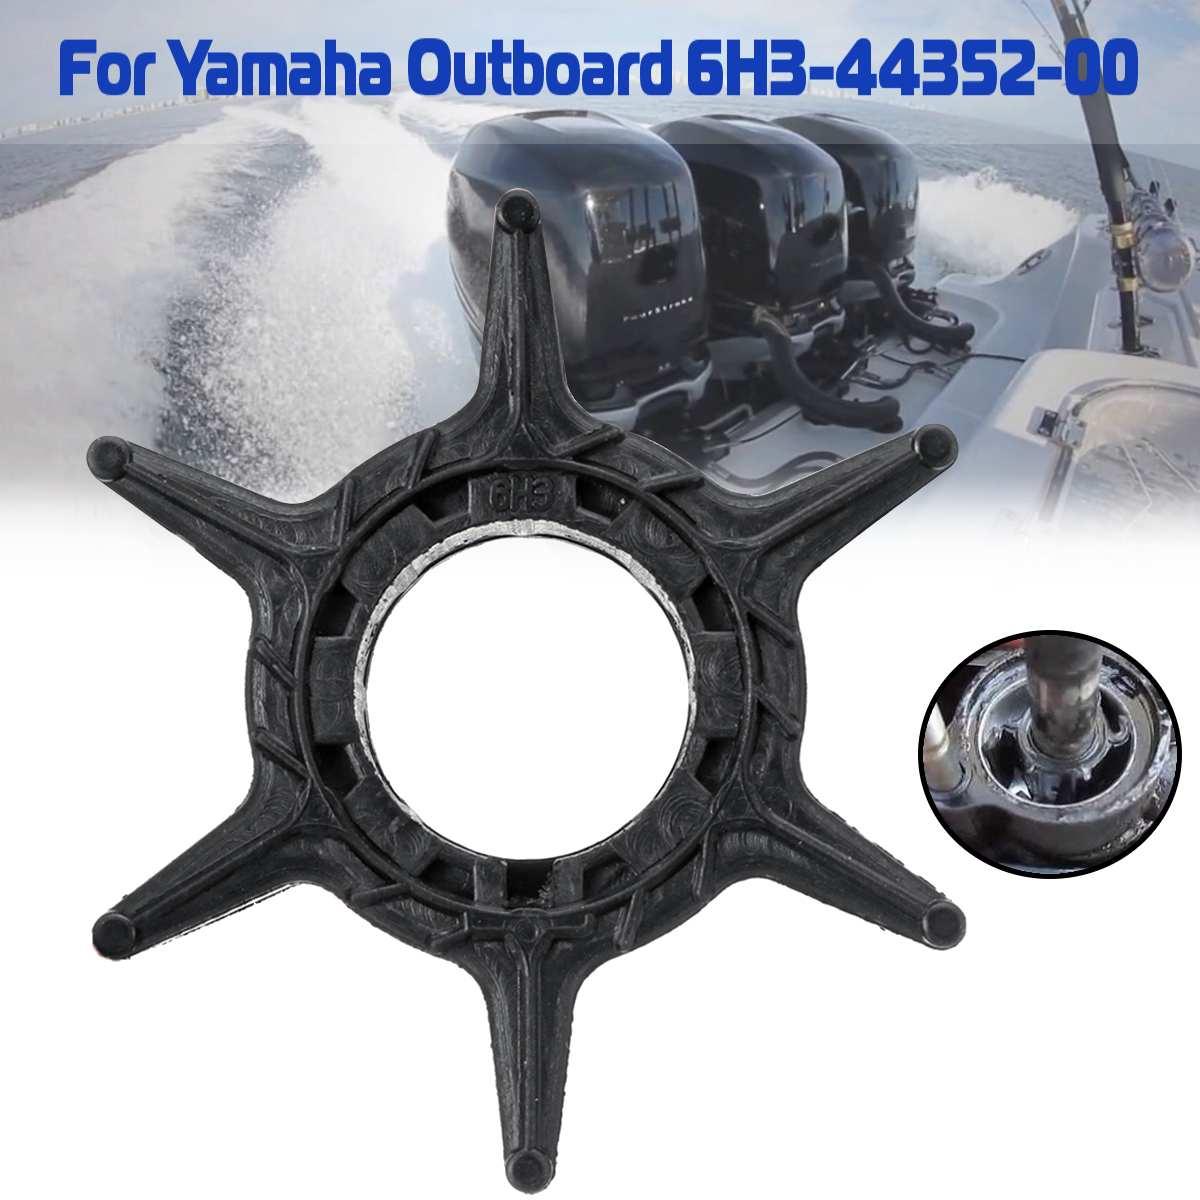 Reemplazo de Motor fueraborda 6H3-44352-00 para impulsor de bomba de agua Yamaha 40-60HP 6 cuchillas goma negra diámetro 52mm Accesorios